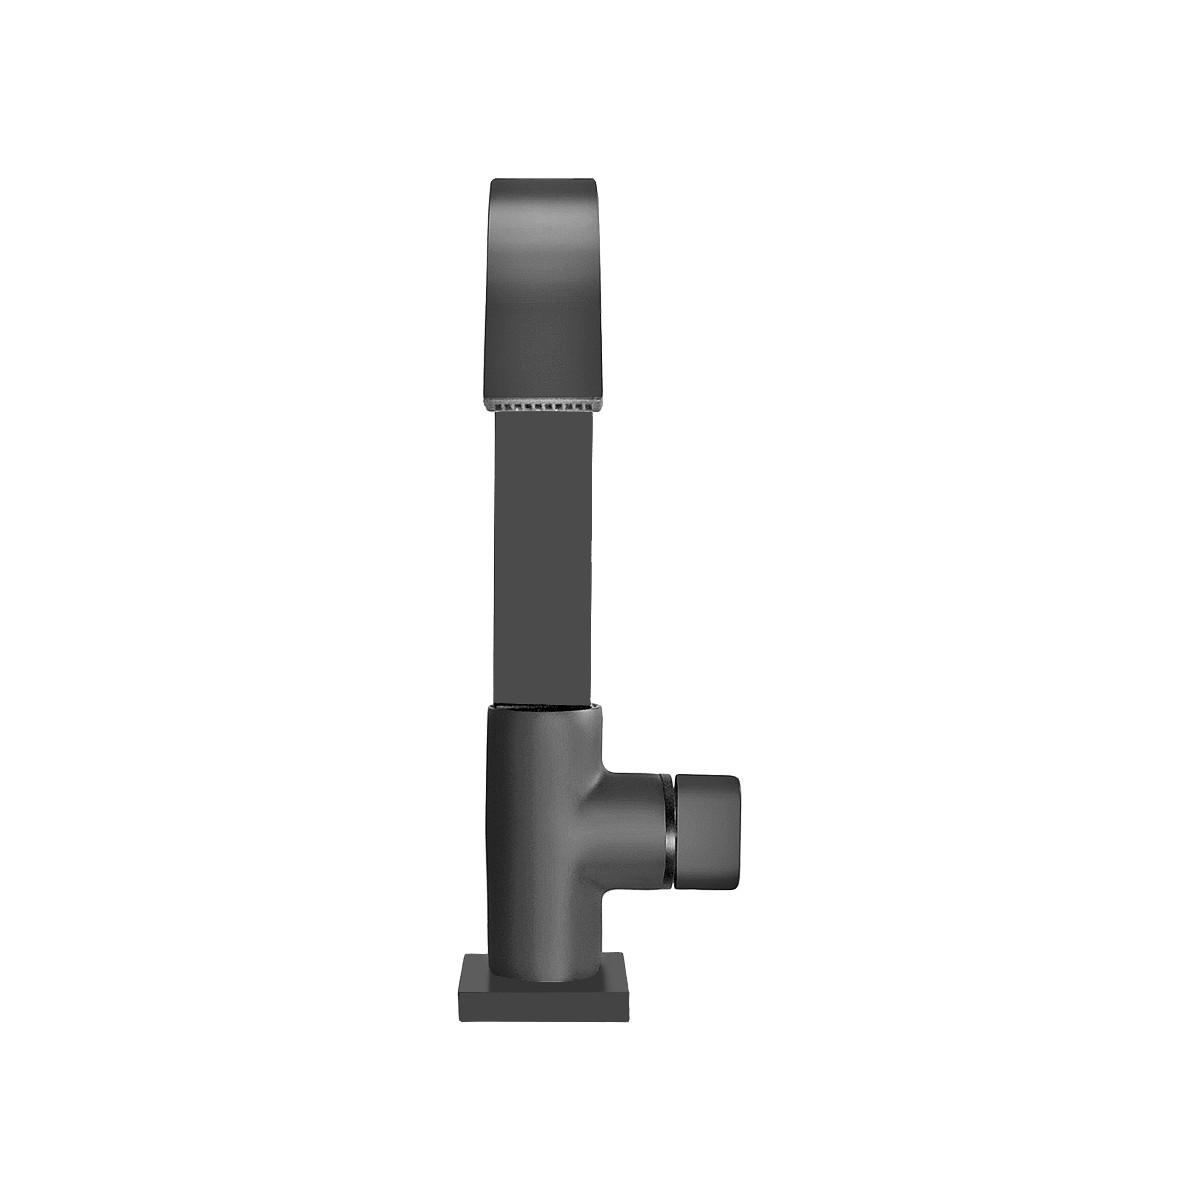 Torneira De Mesa Preto Fosco Banheiro - Idral Black 1136